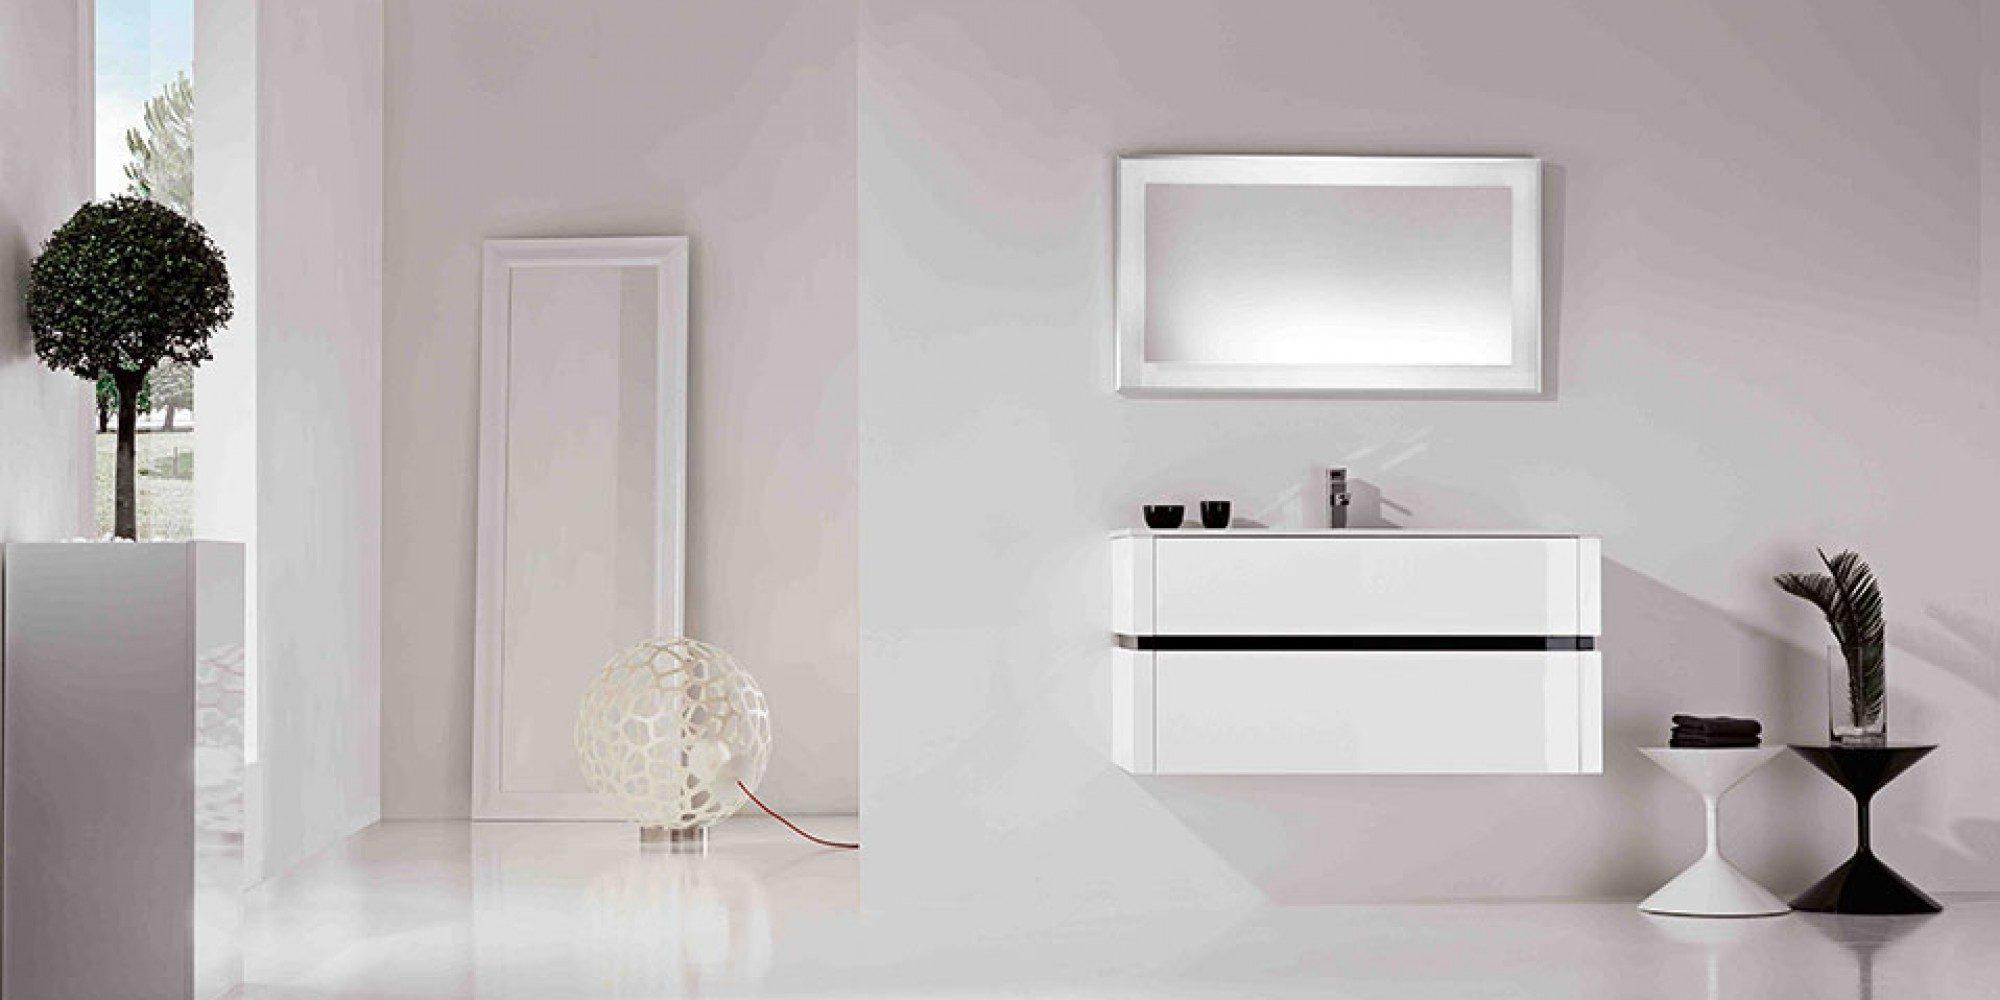 Ristrutturare il bagno sogek - Punti luce per bagno ...